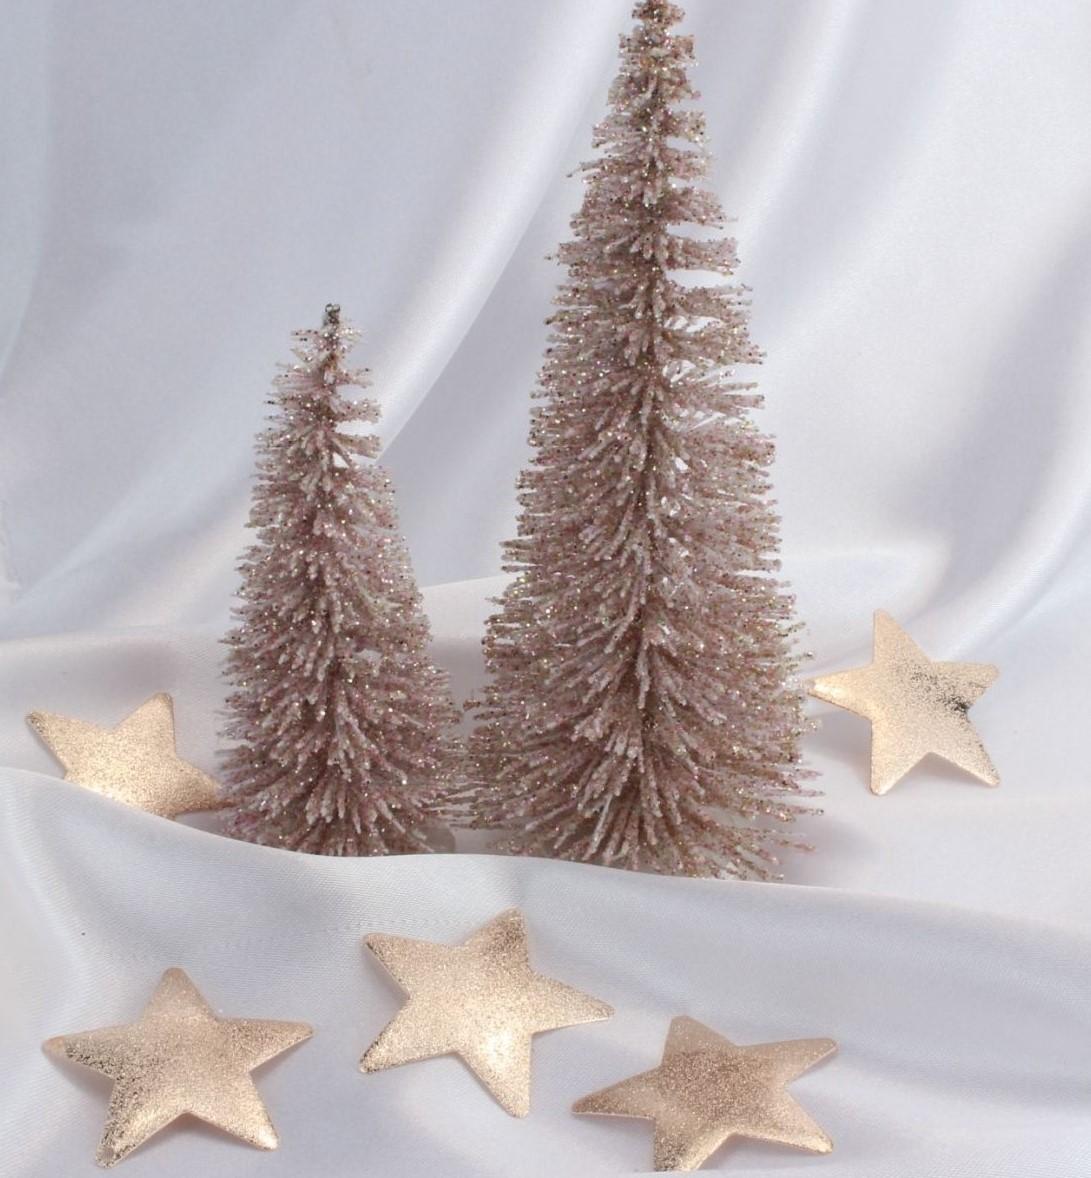 Edle Weihnachtsdeko 2019.Weihnachtsdeko 10 Edle Sterne Aus Metall Metallsterne In Rose